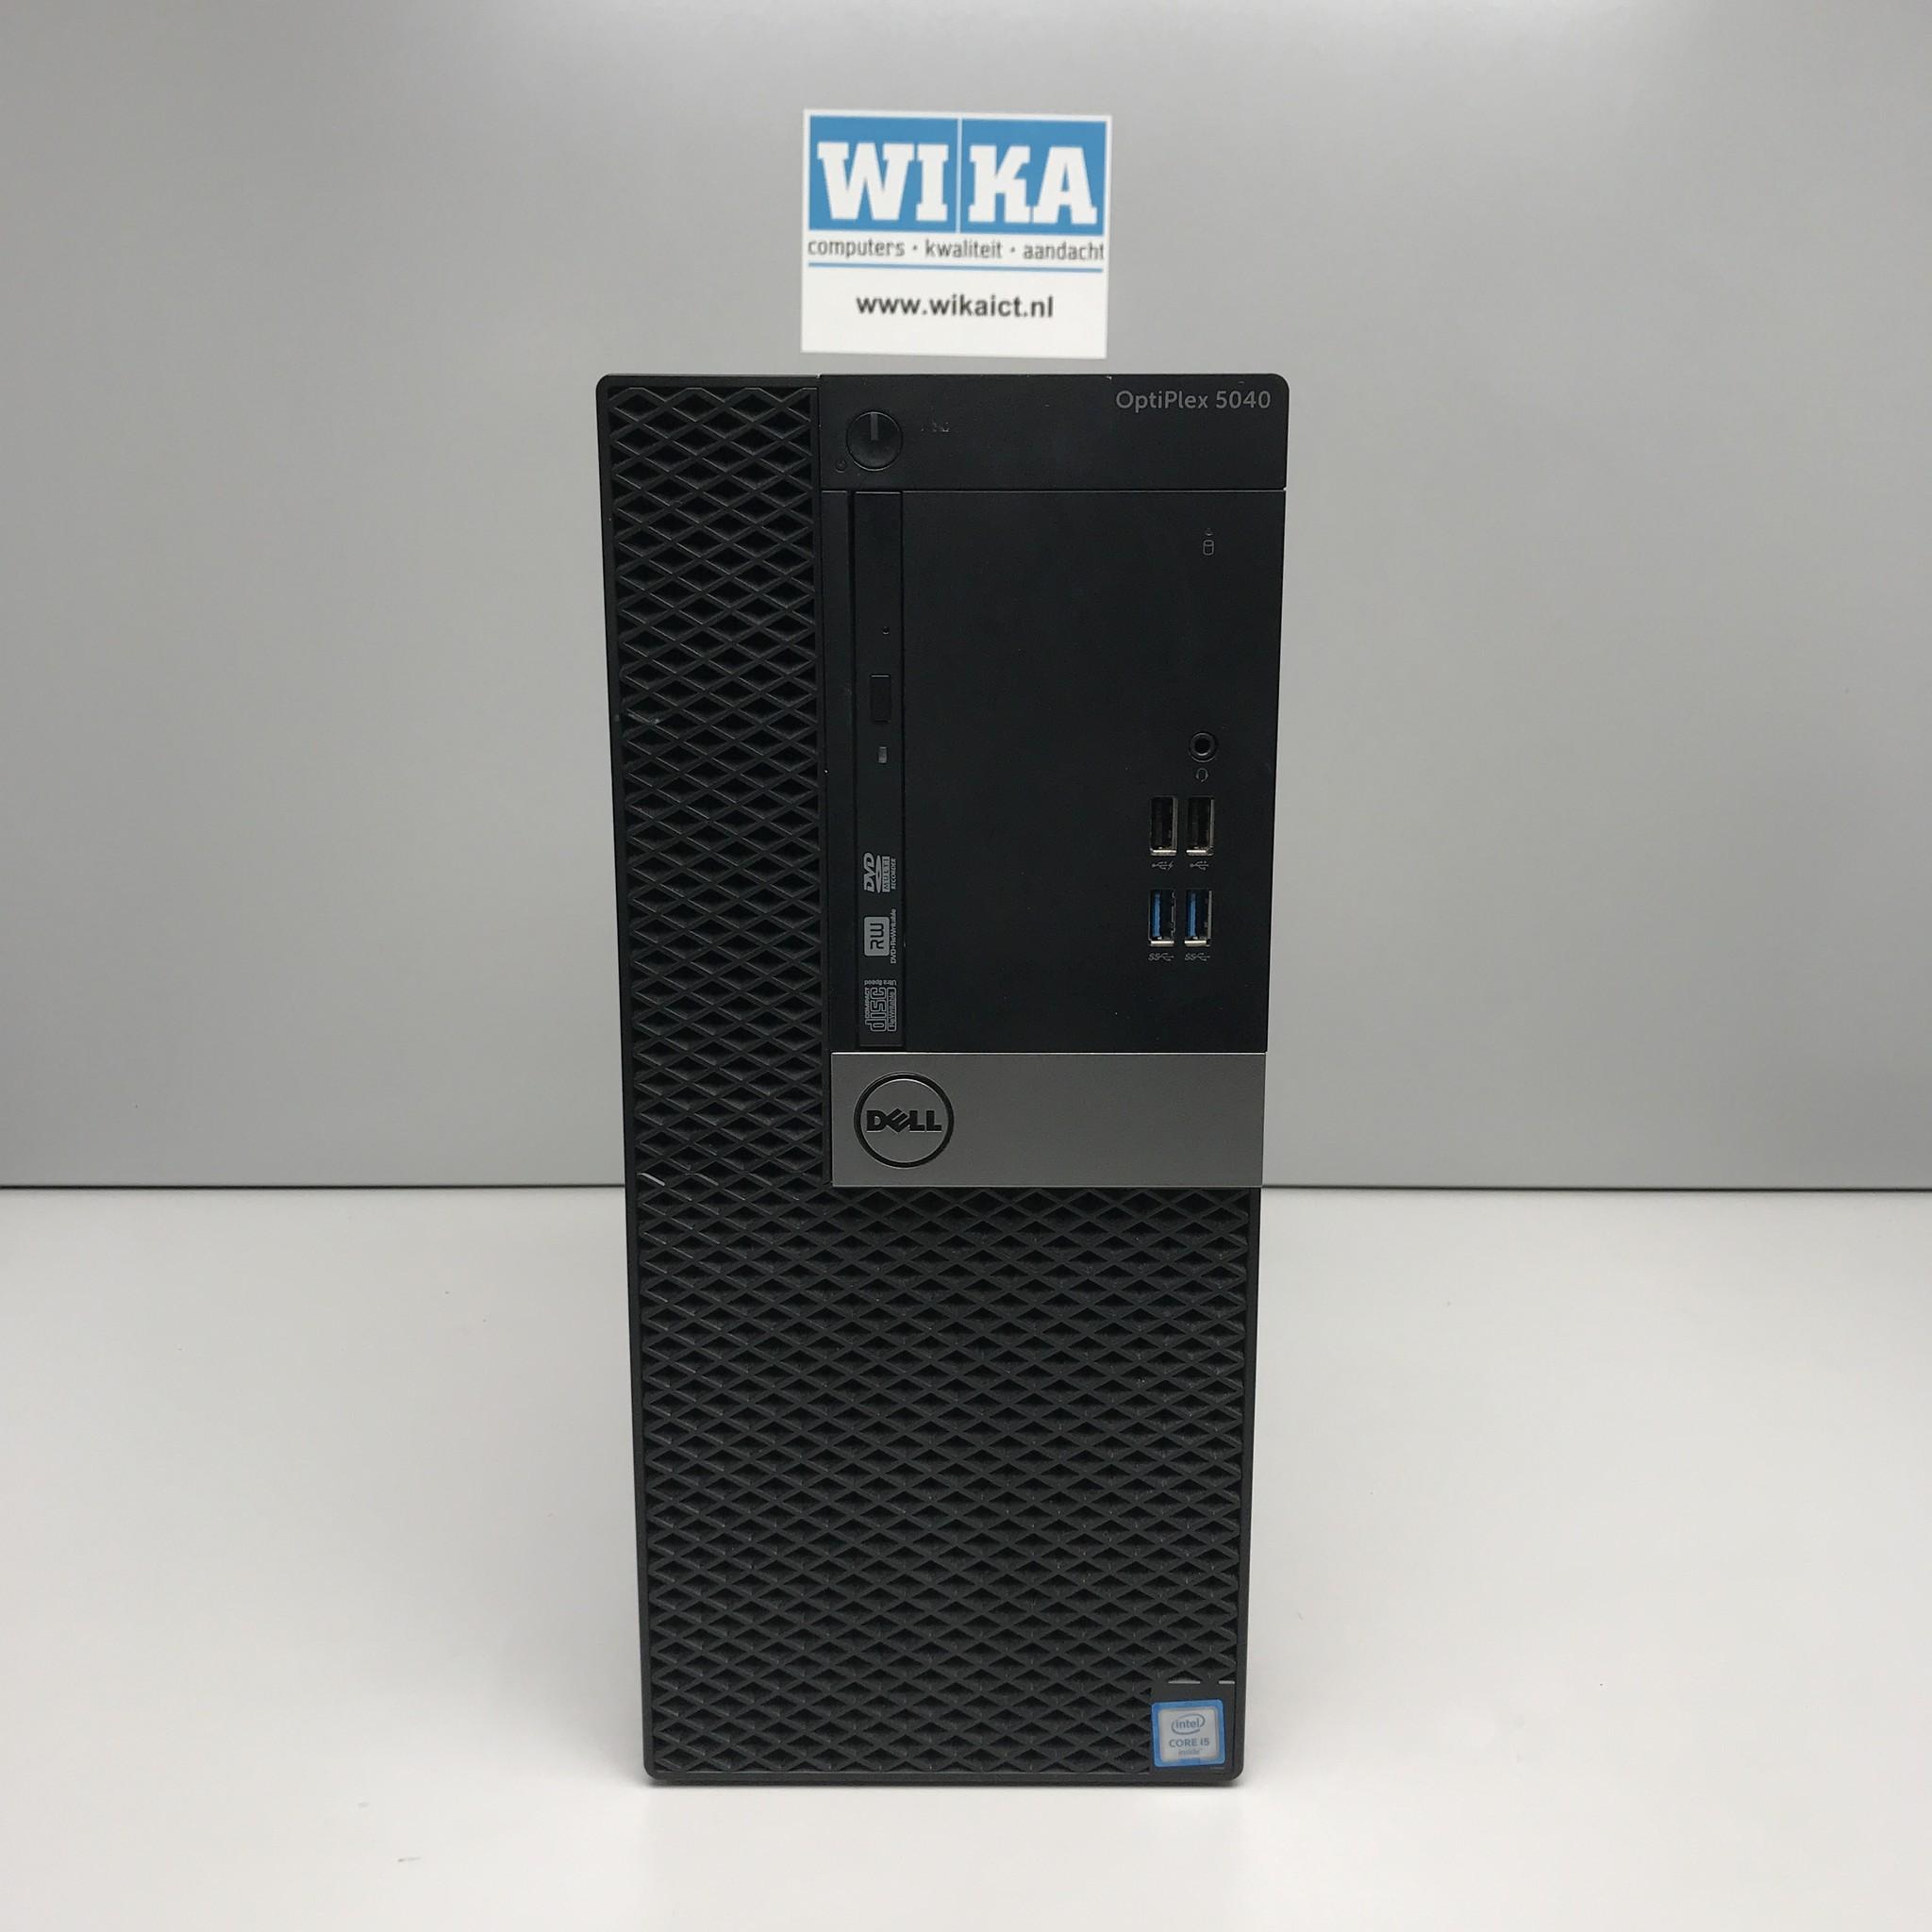 Dell Optiplex 5040 i5-6500 3.2Ghz 8Gb 256GB SSD Windows 10 Pro PC